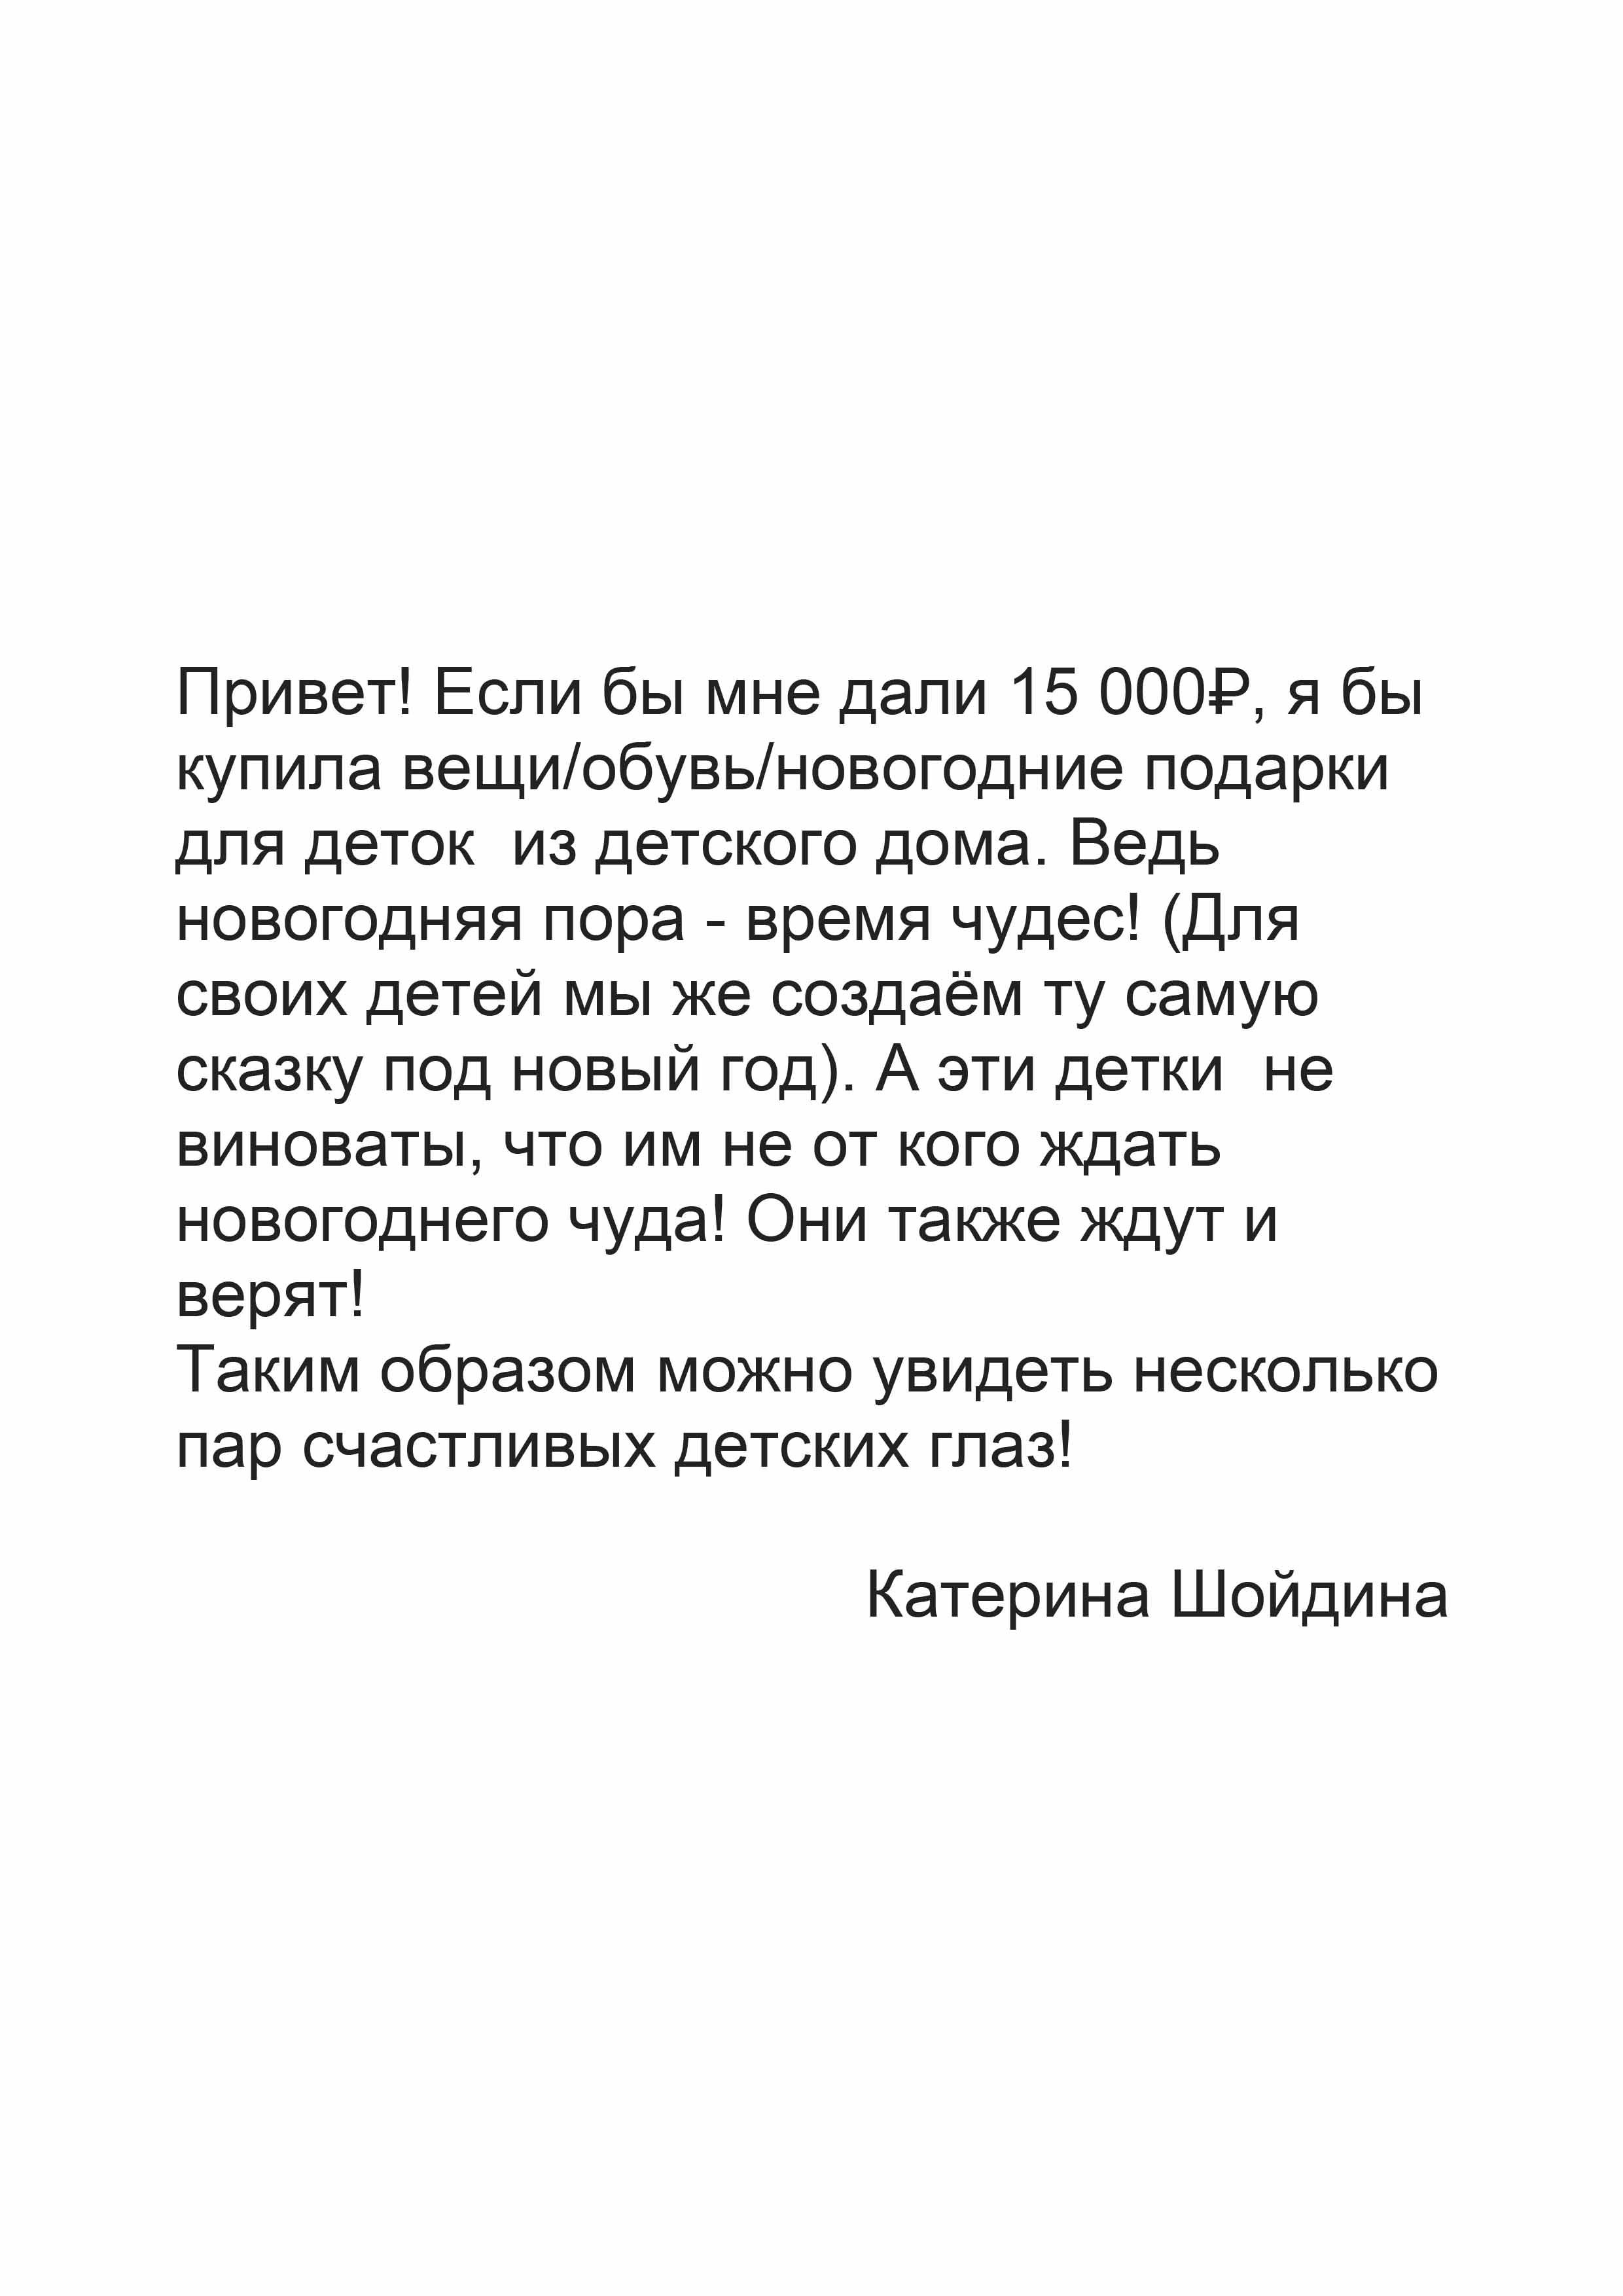 Катерина Шойдина